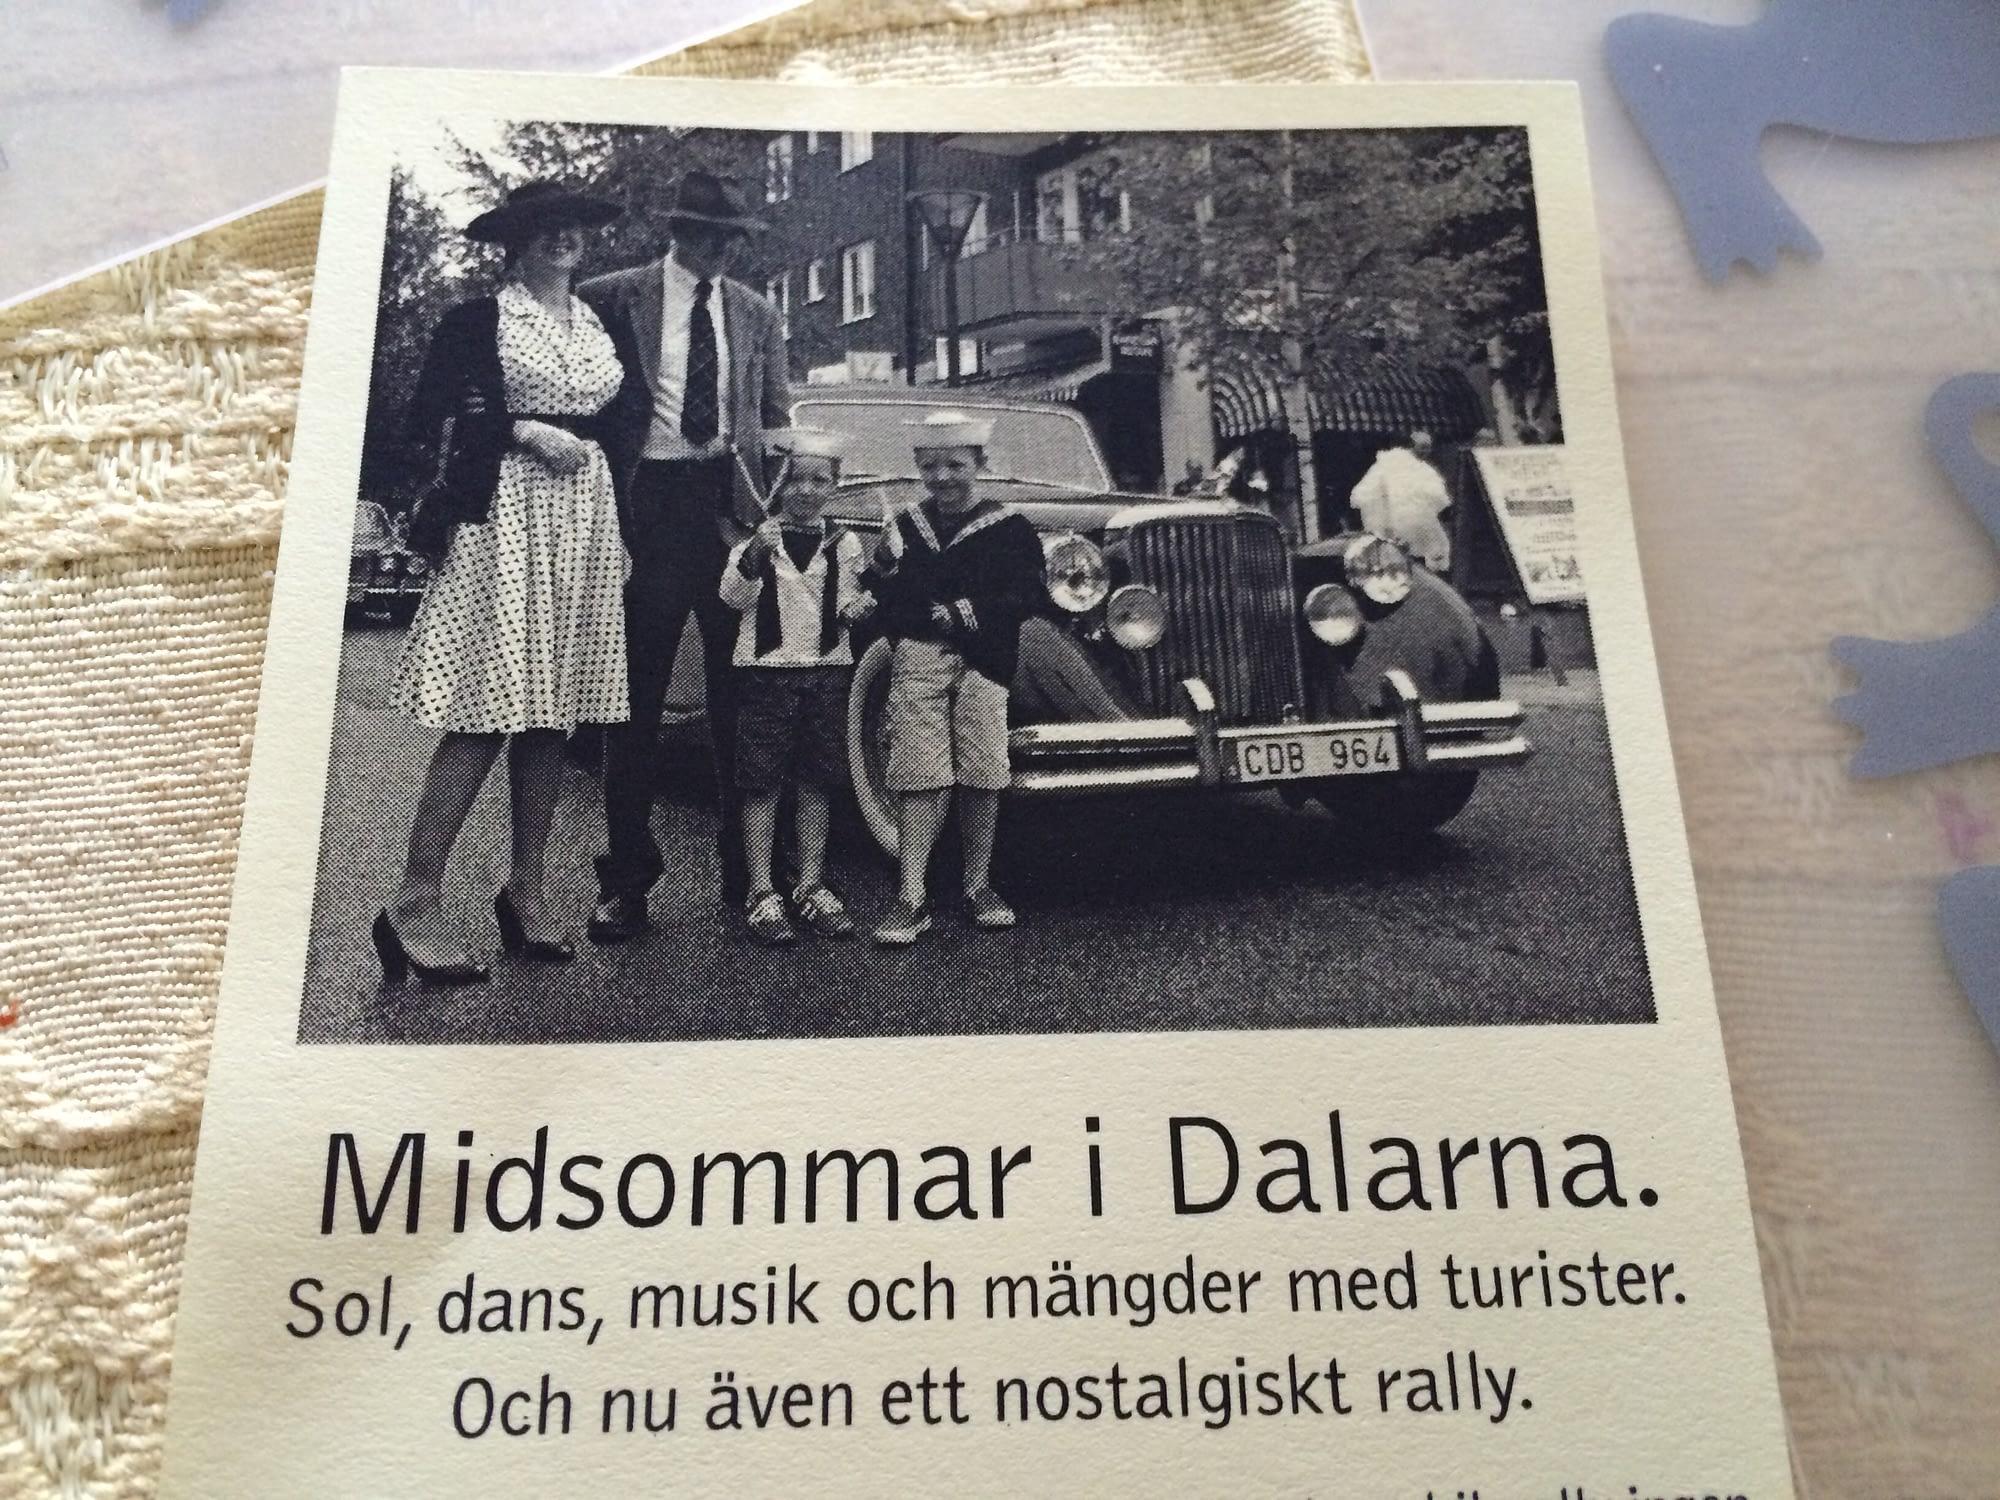 Nytt rally på midsommarafton!